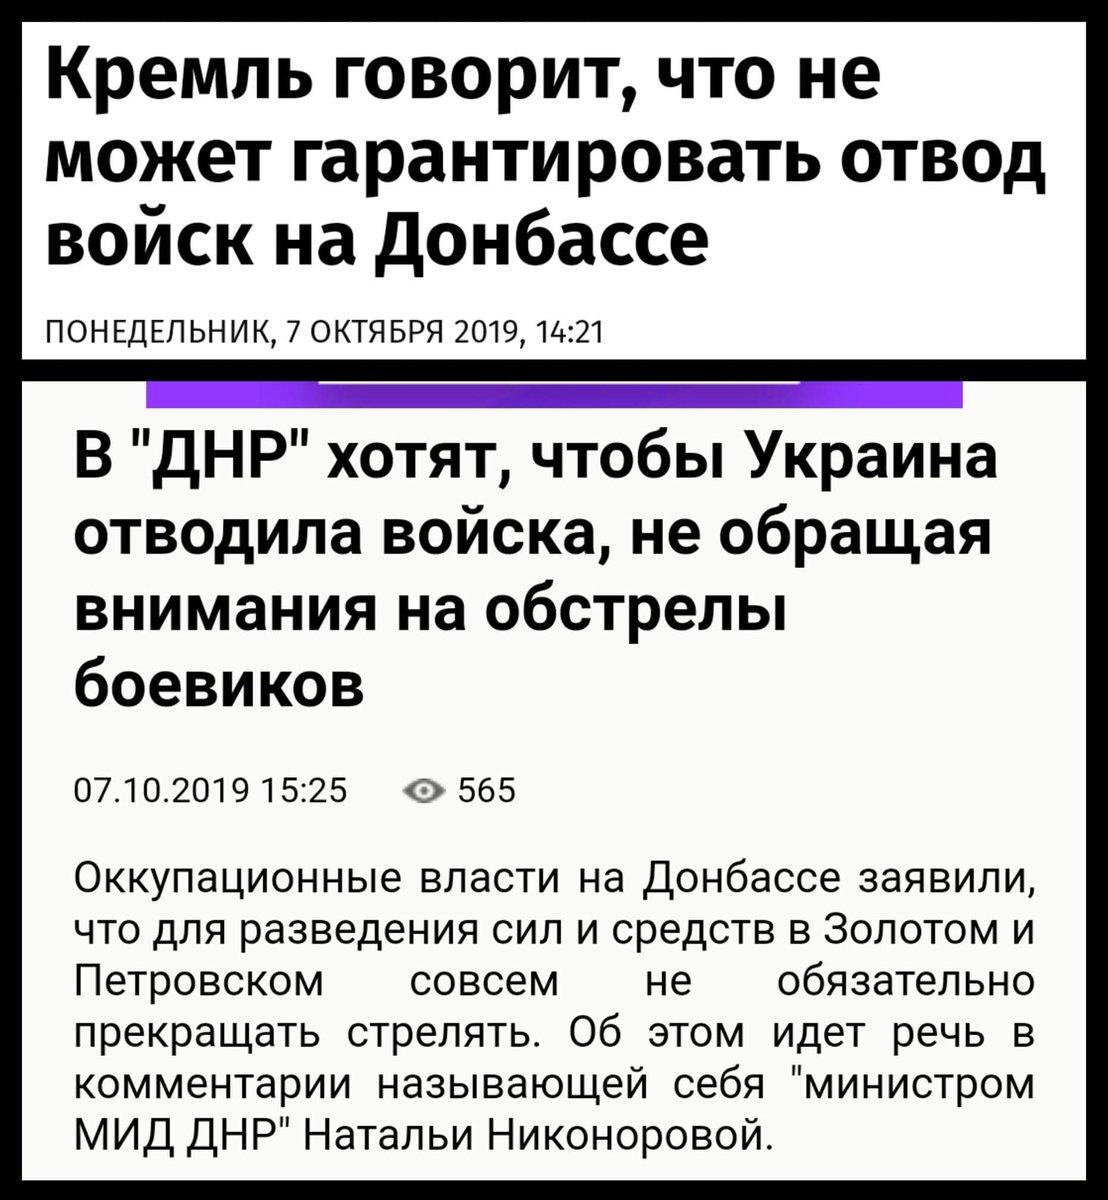 Для обеспечения безопасности в Золотом-4 и Катериновке привлечены дополнительные полицейские силы, - Троян - Цензор.НЕТ 519